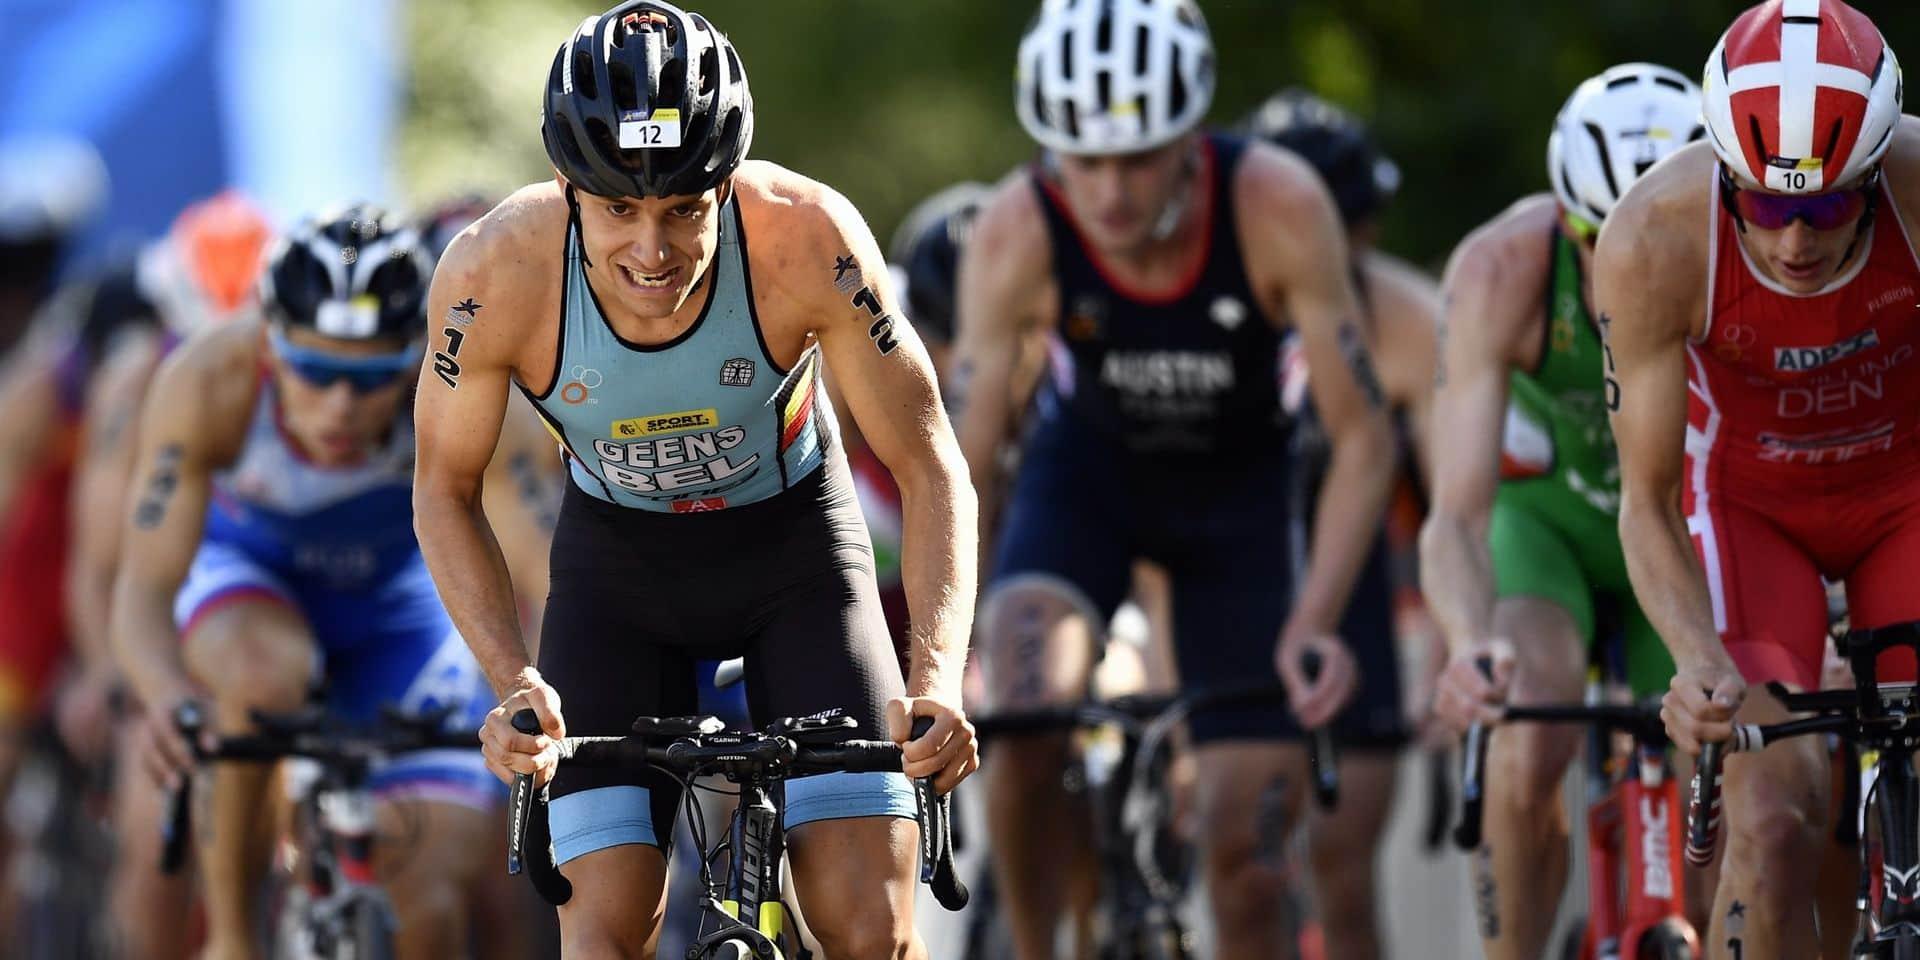 Triathlon : Jelle Geens quatrième au Mondial de Sprint !